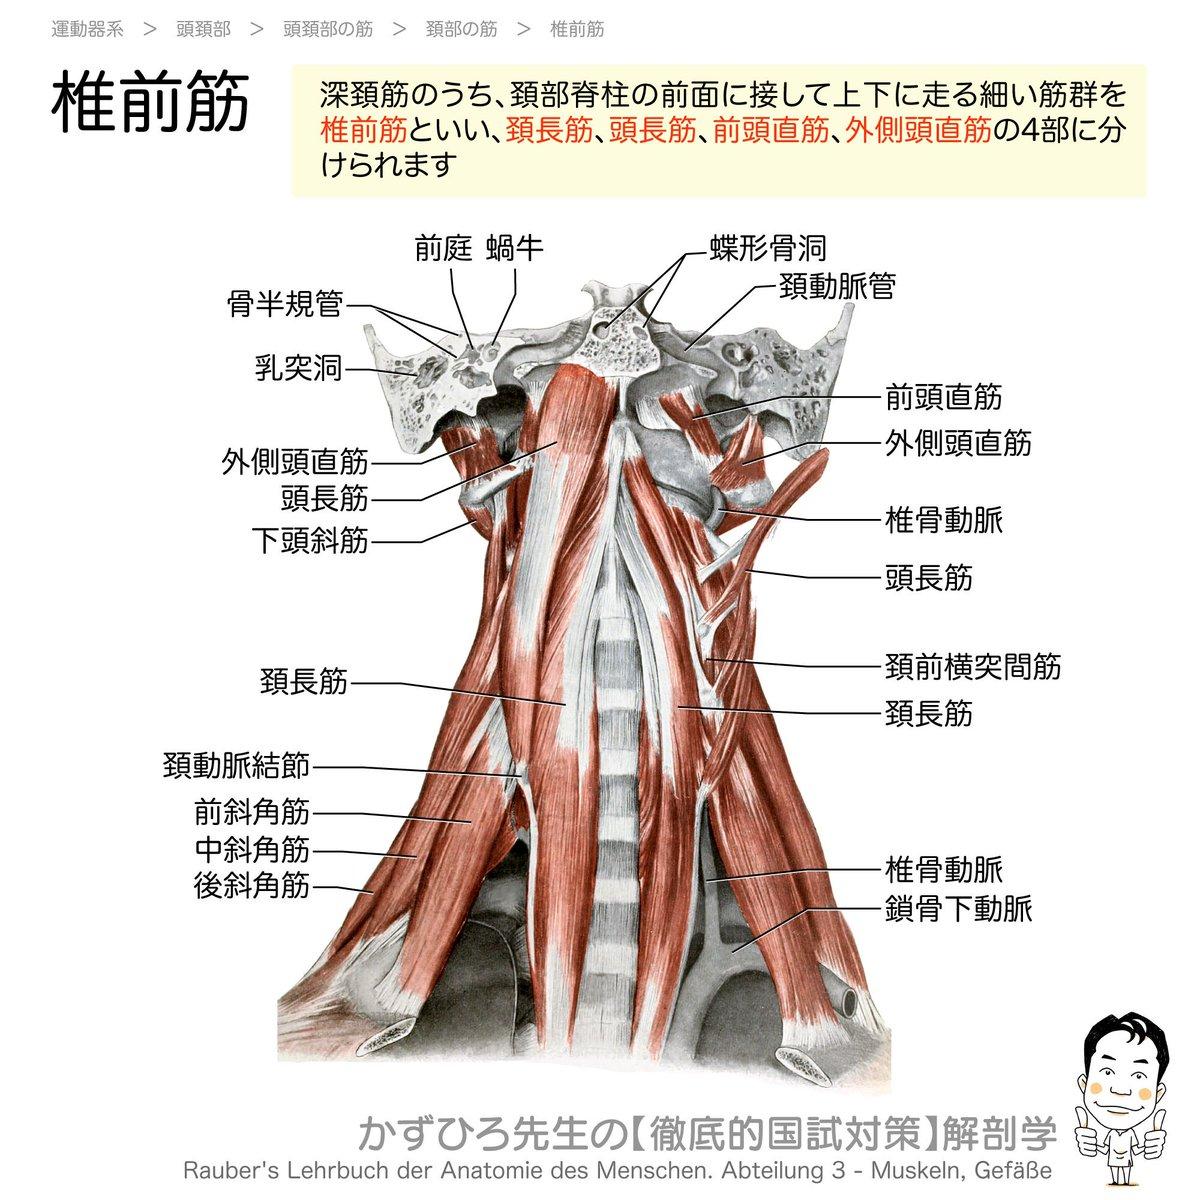 【椎前筋】深頚筋のうち、頚部脊柱の前面に接して上下に走る細い筋群を #椎前筋 といい、 #頚長筋 、 #頭長筋 、 #前頭直筋 、 #外側頭直筋 の4部に分けられます頚の前屈(両側)や側屈(片側)に働きます【アナトミーブートキャンプ】2/3まで早割(4,000 → 3,000円)